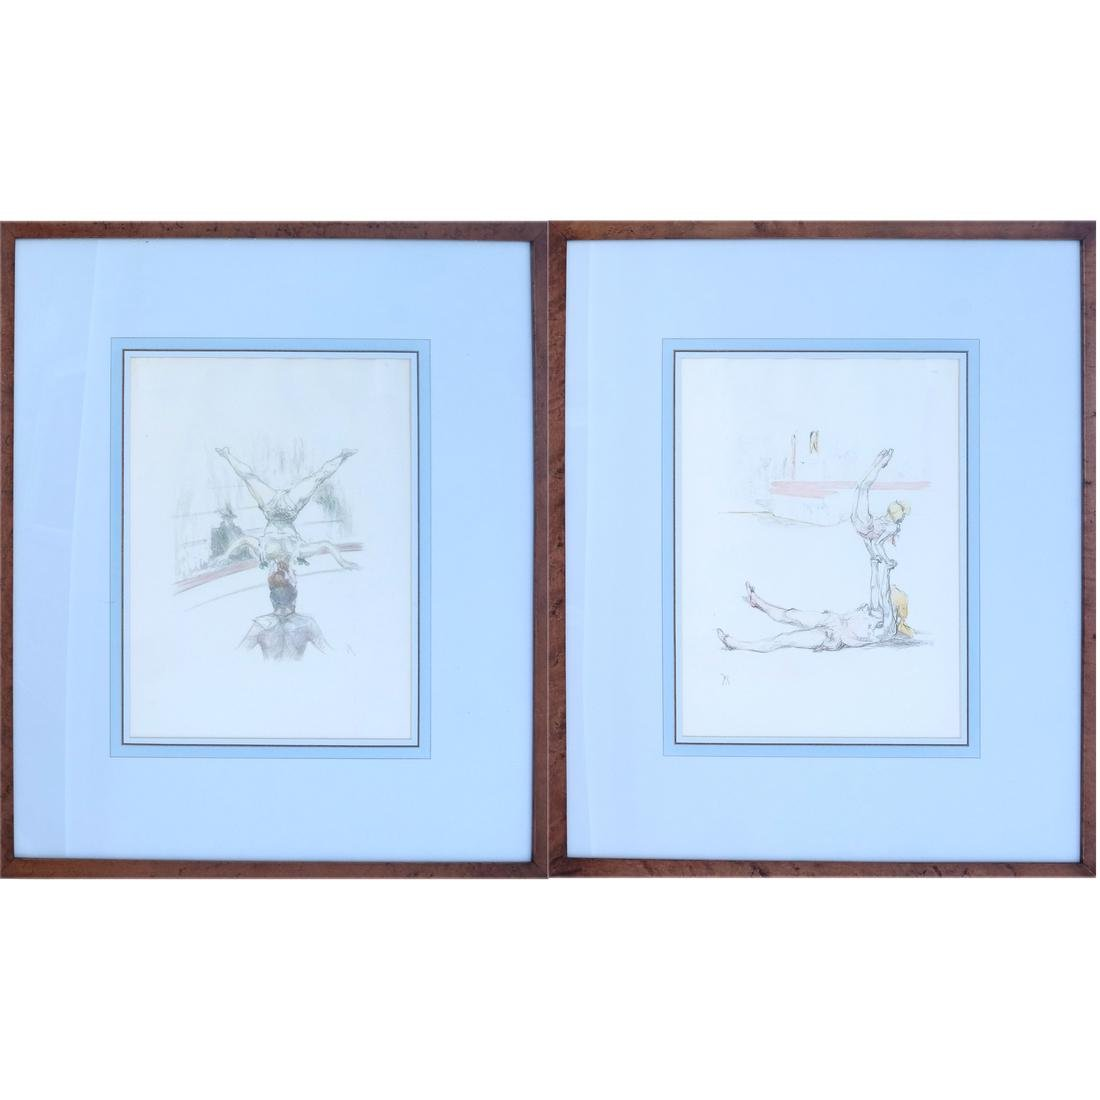 Pau Roig Catalan, Acrobats - Two Color Prints